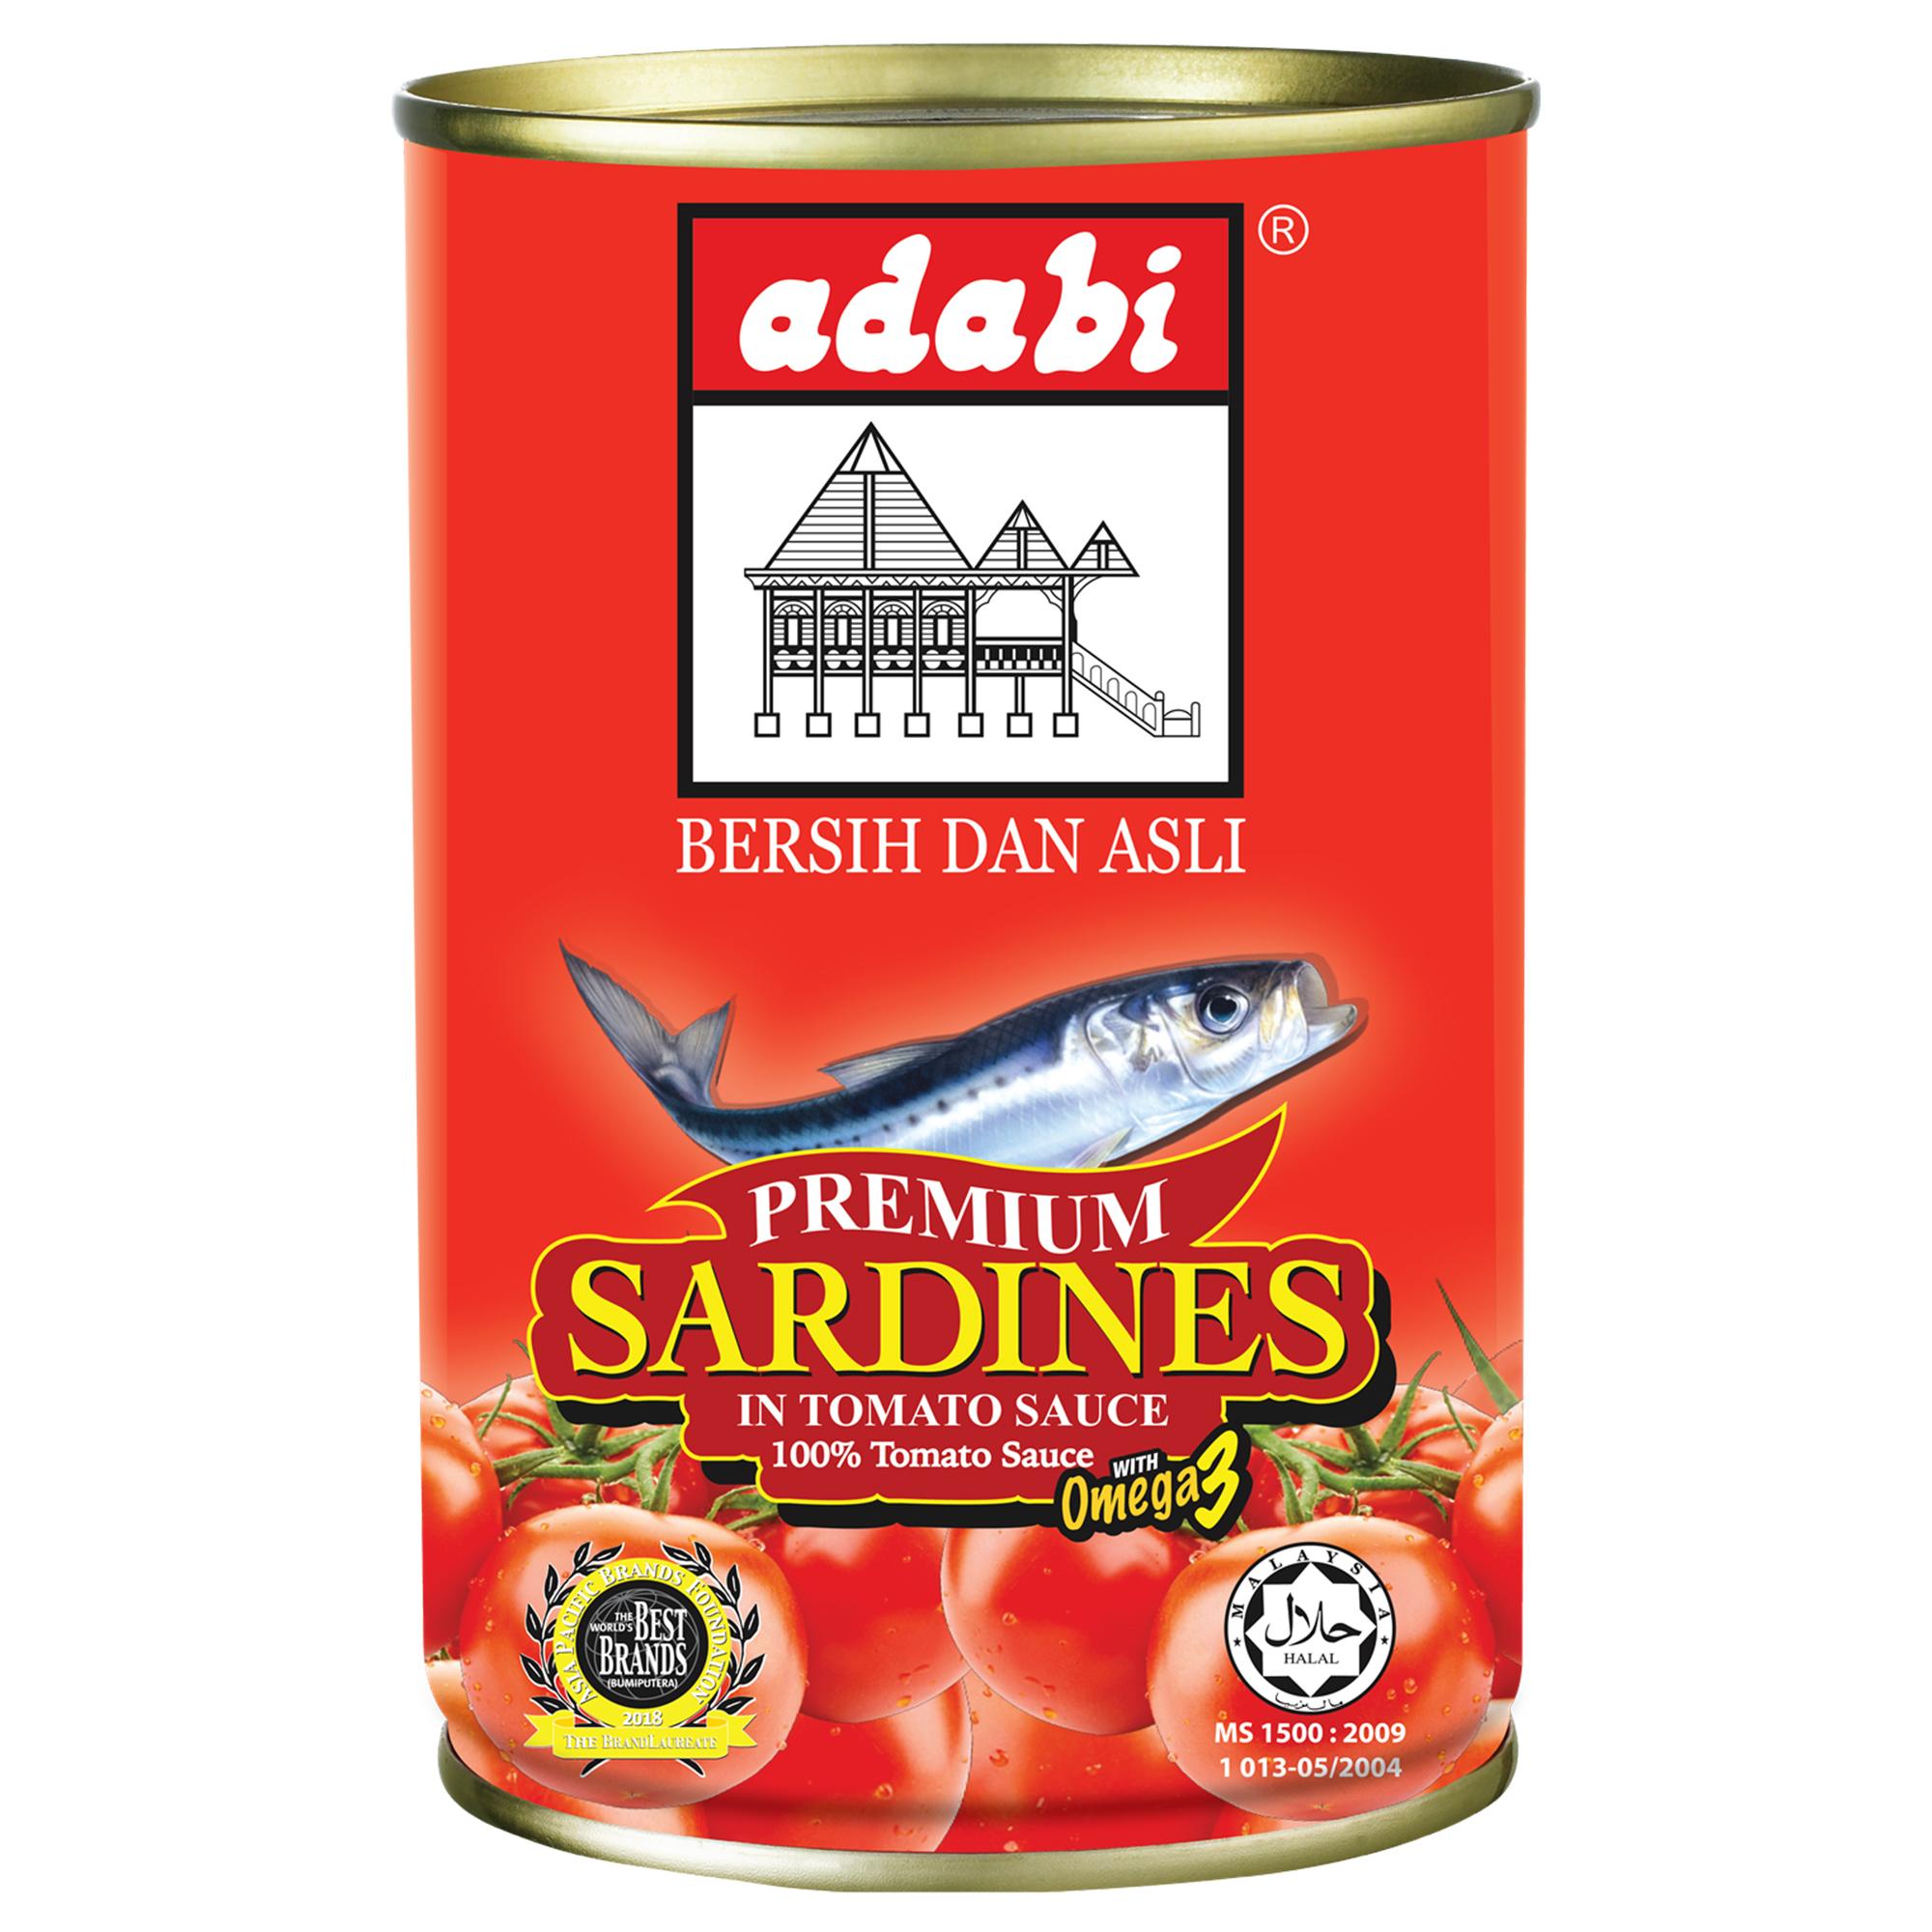 Sardin 425g merah (1).jpg